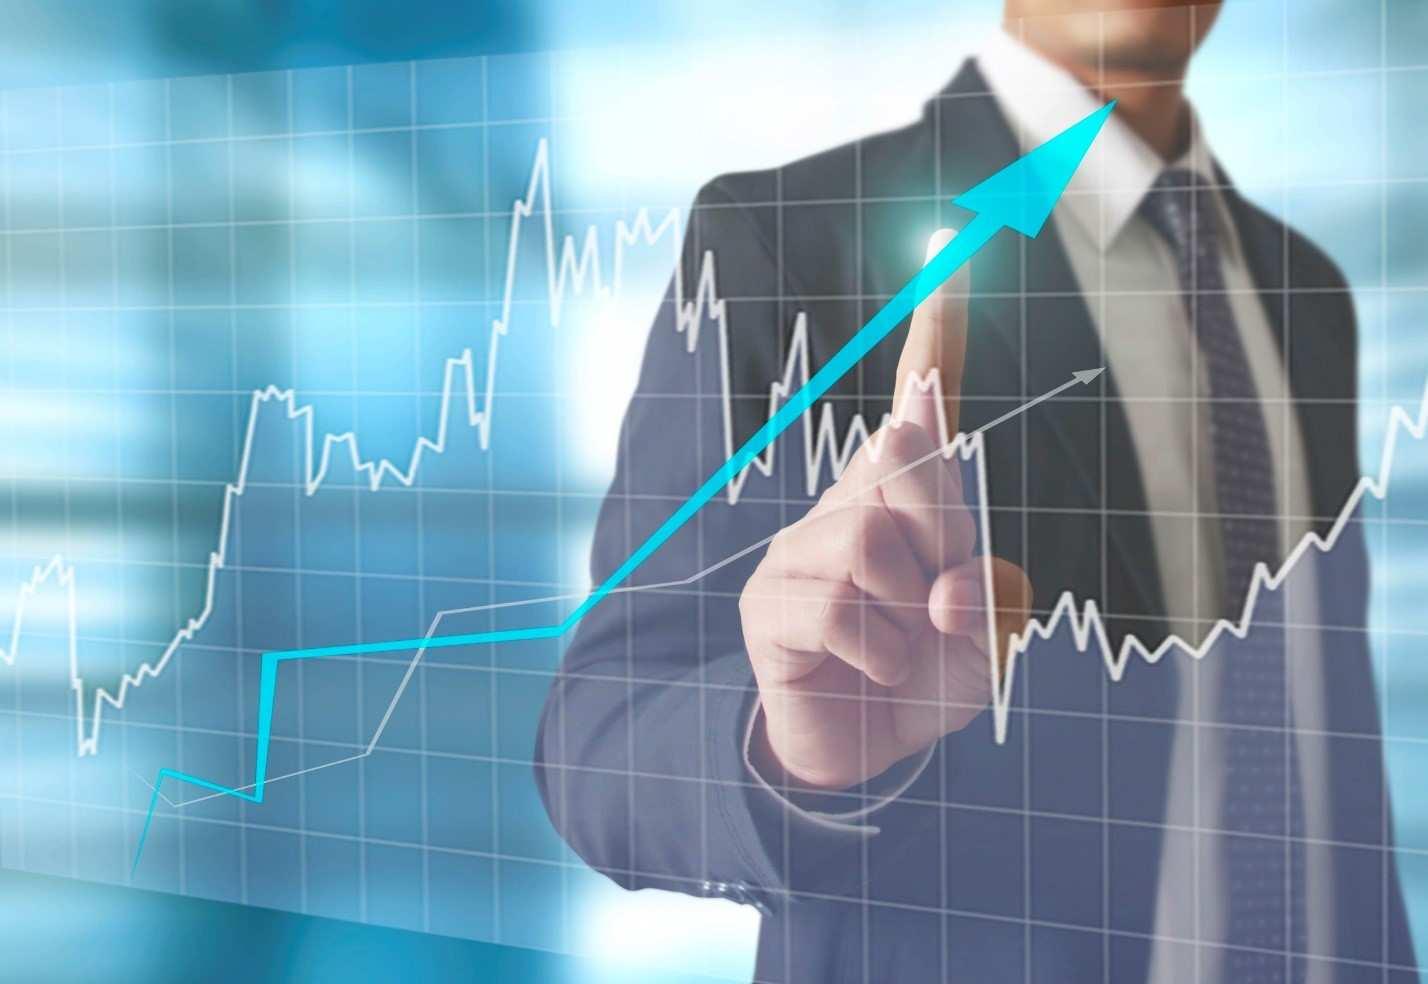 VDSC: VN-Index có thể đạt 1.300 điểm trong tháng 4 nhờ dòng vốn ngoại mới và cá nhân trong nước